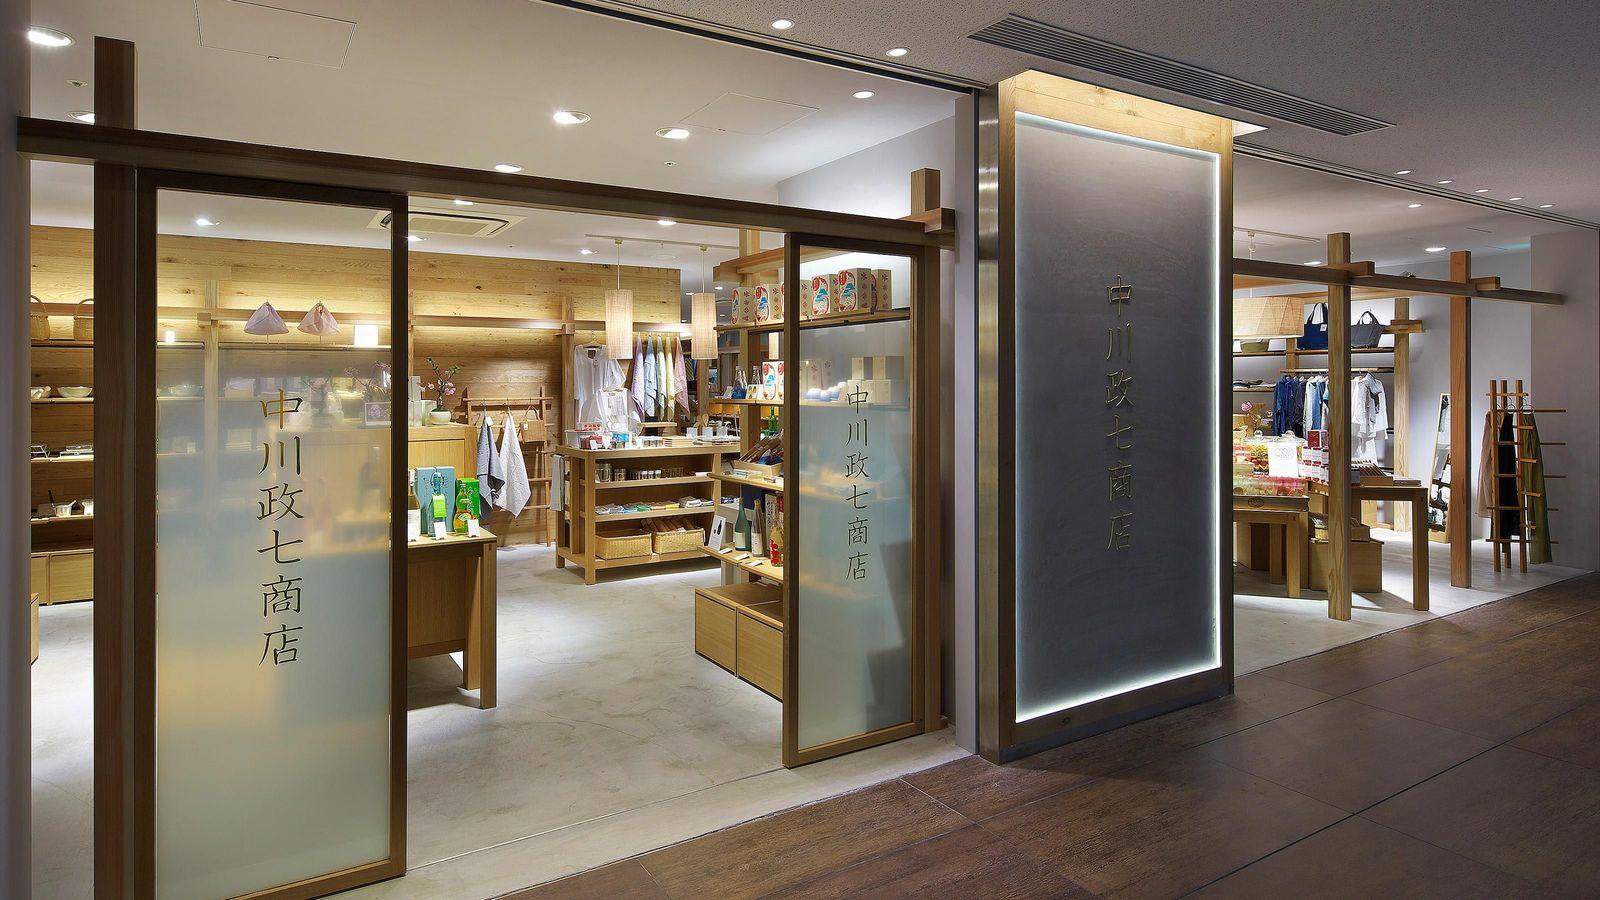 創業300年ブランドが経営コンサルをする理由 中川政七商店が見据える小売の未来